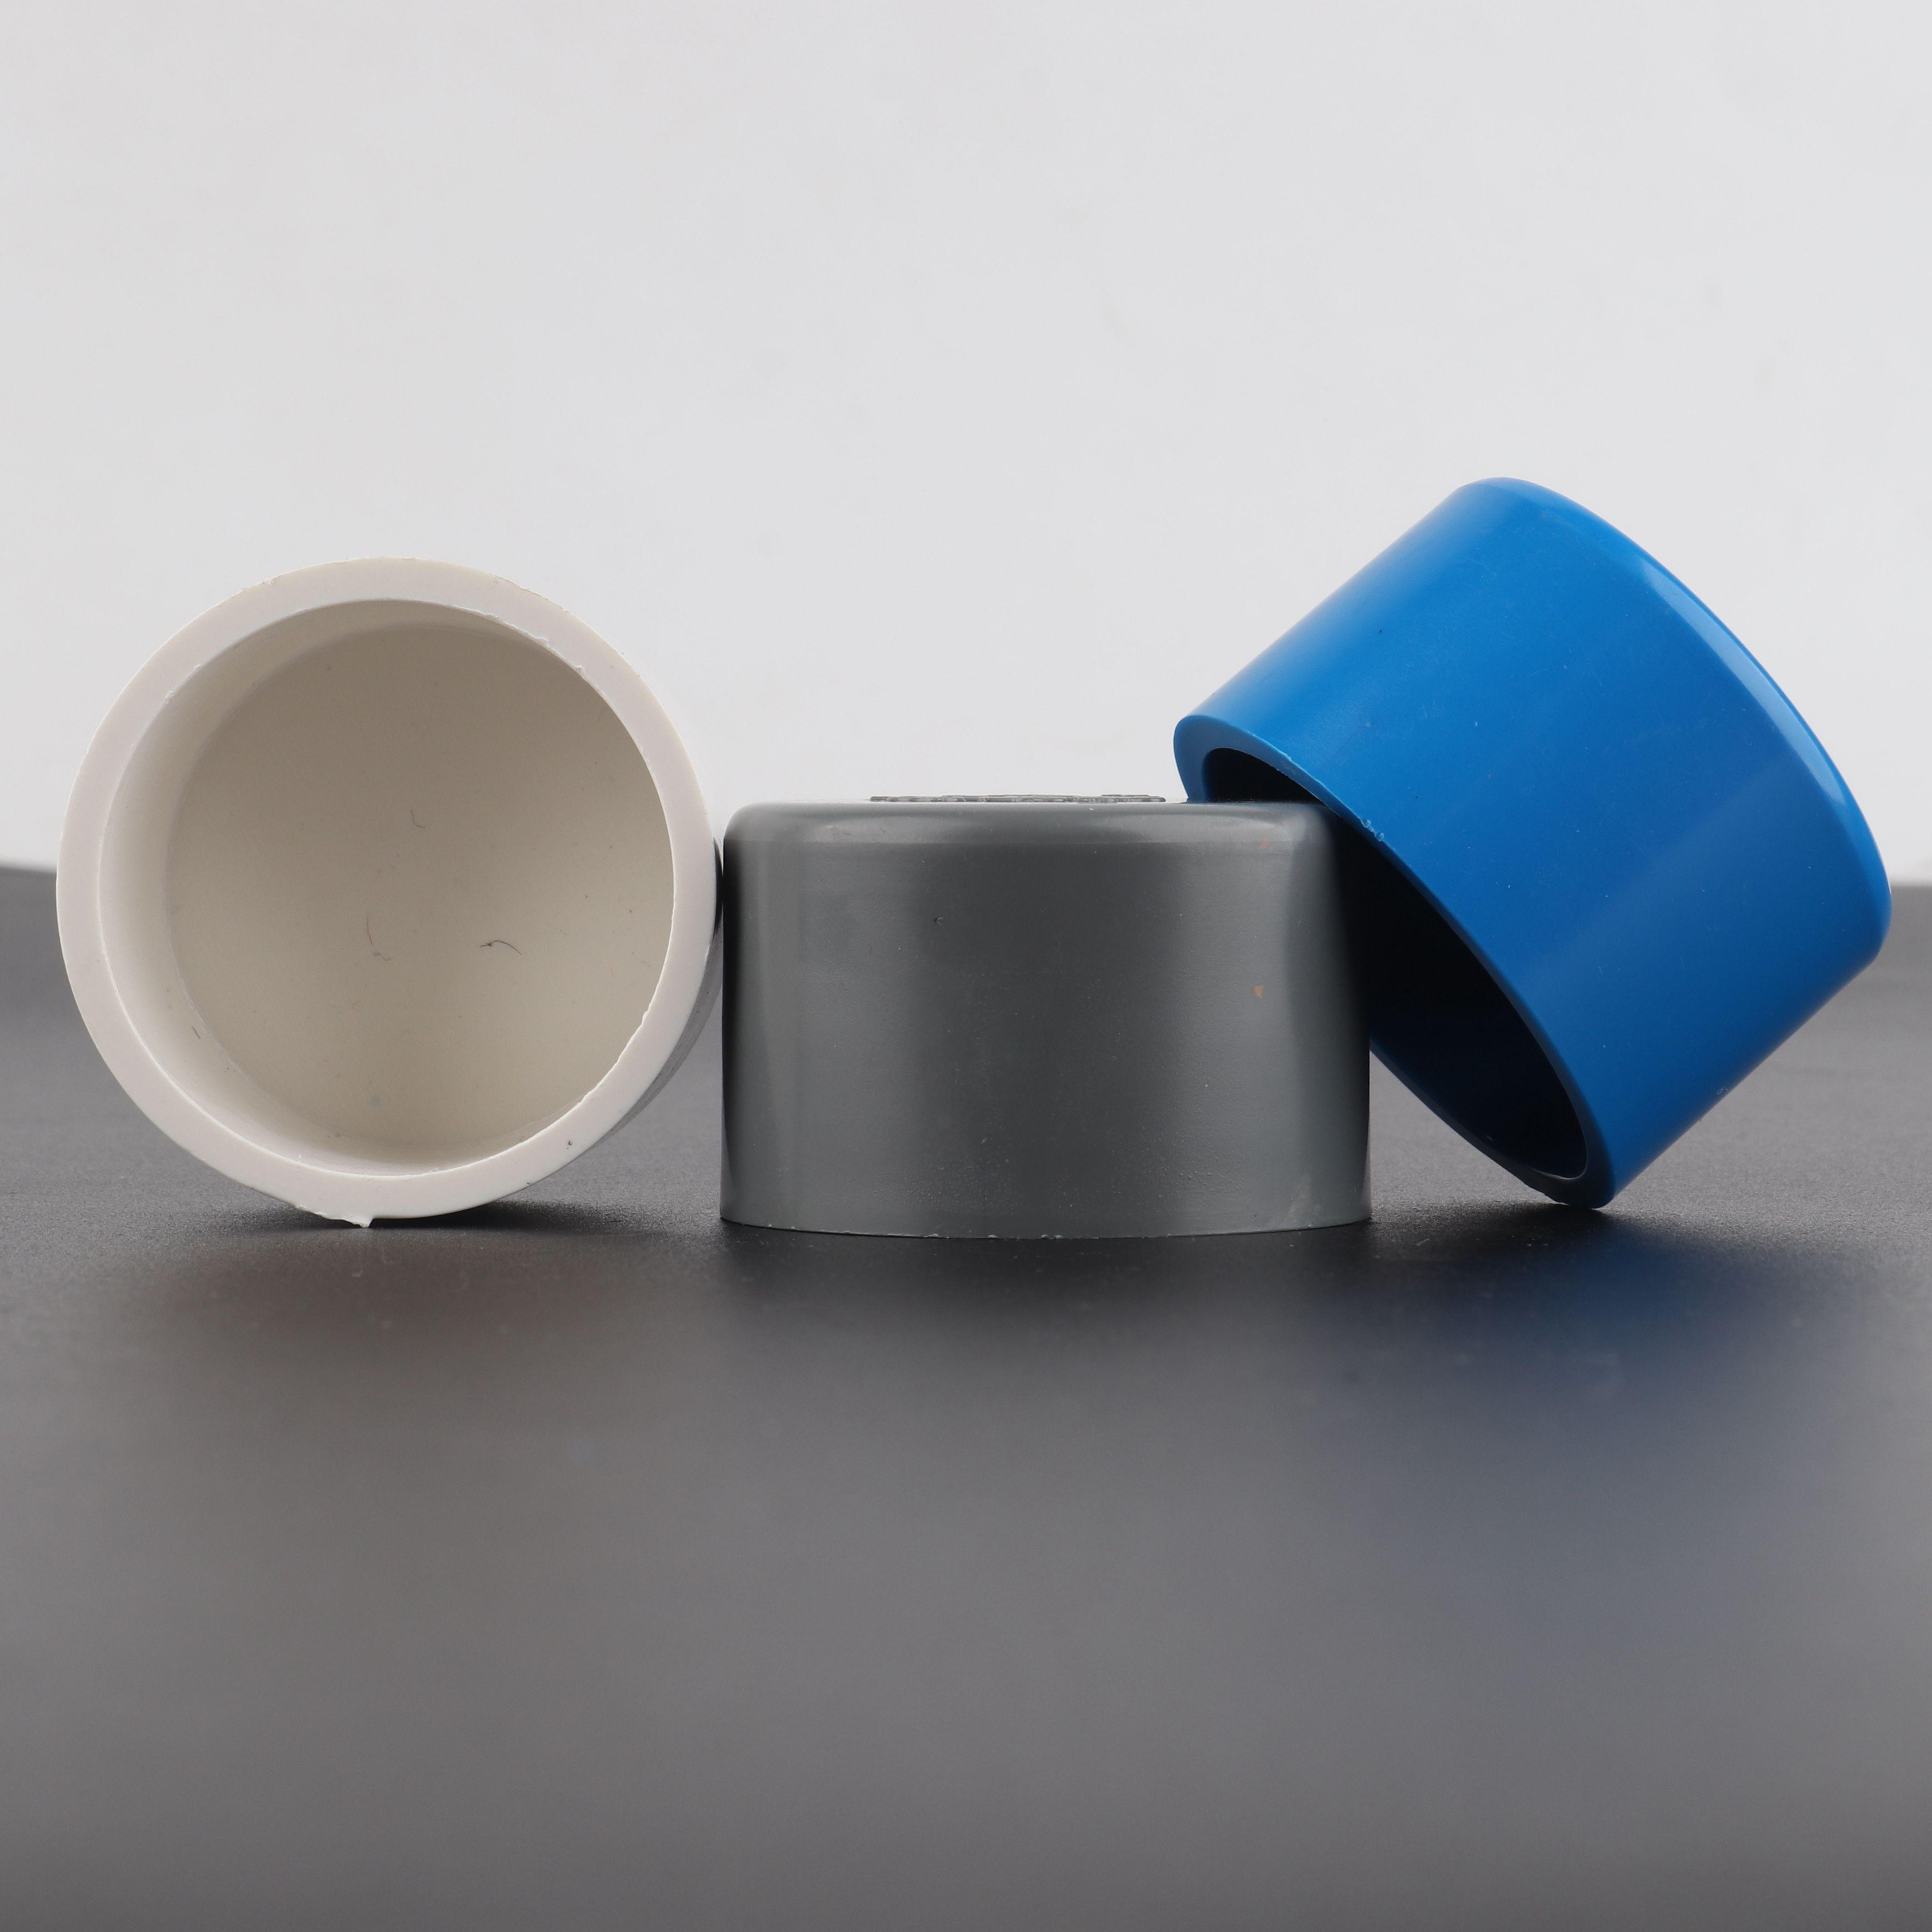 2 pces 20 a 90mm pvc tubulação plug alta qualidade plástico ferramentas de parada água aquário tubo tampa de extremidade jardim irrigação conector da tubulação de água